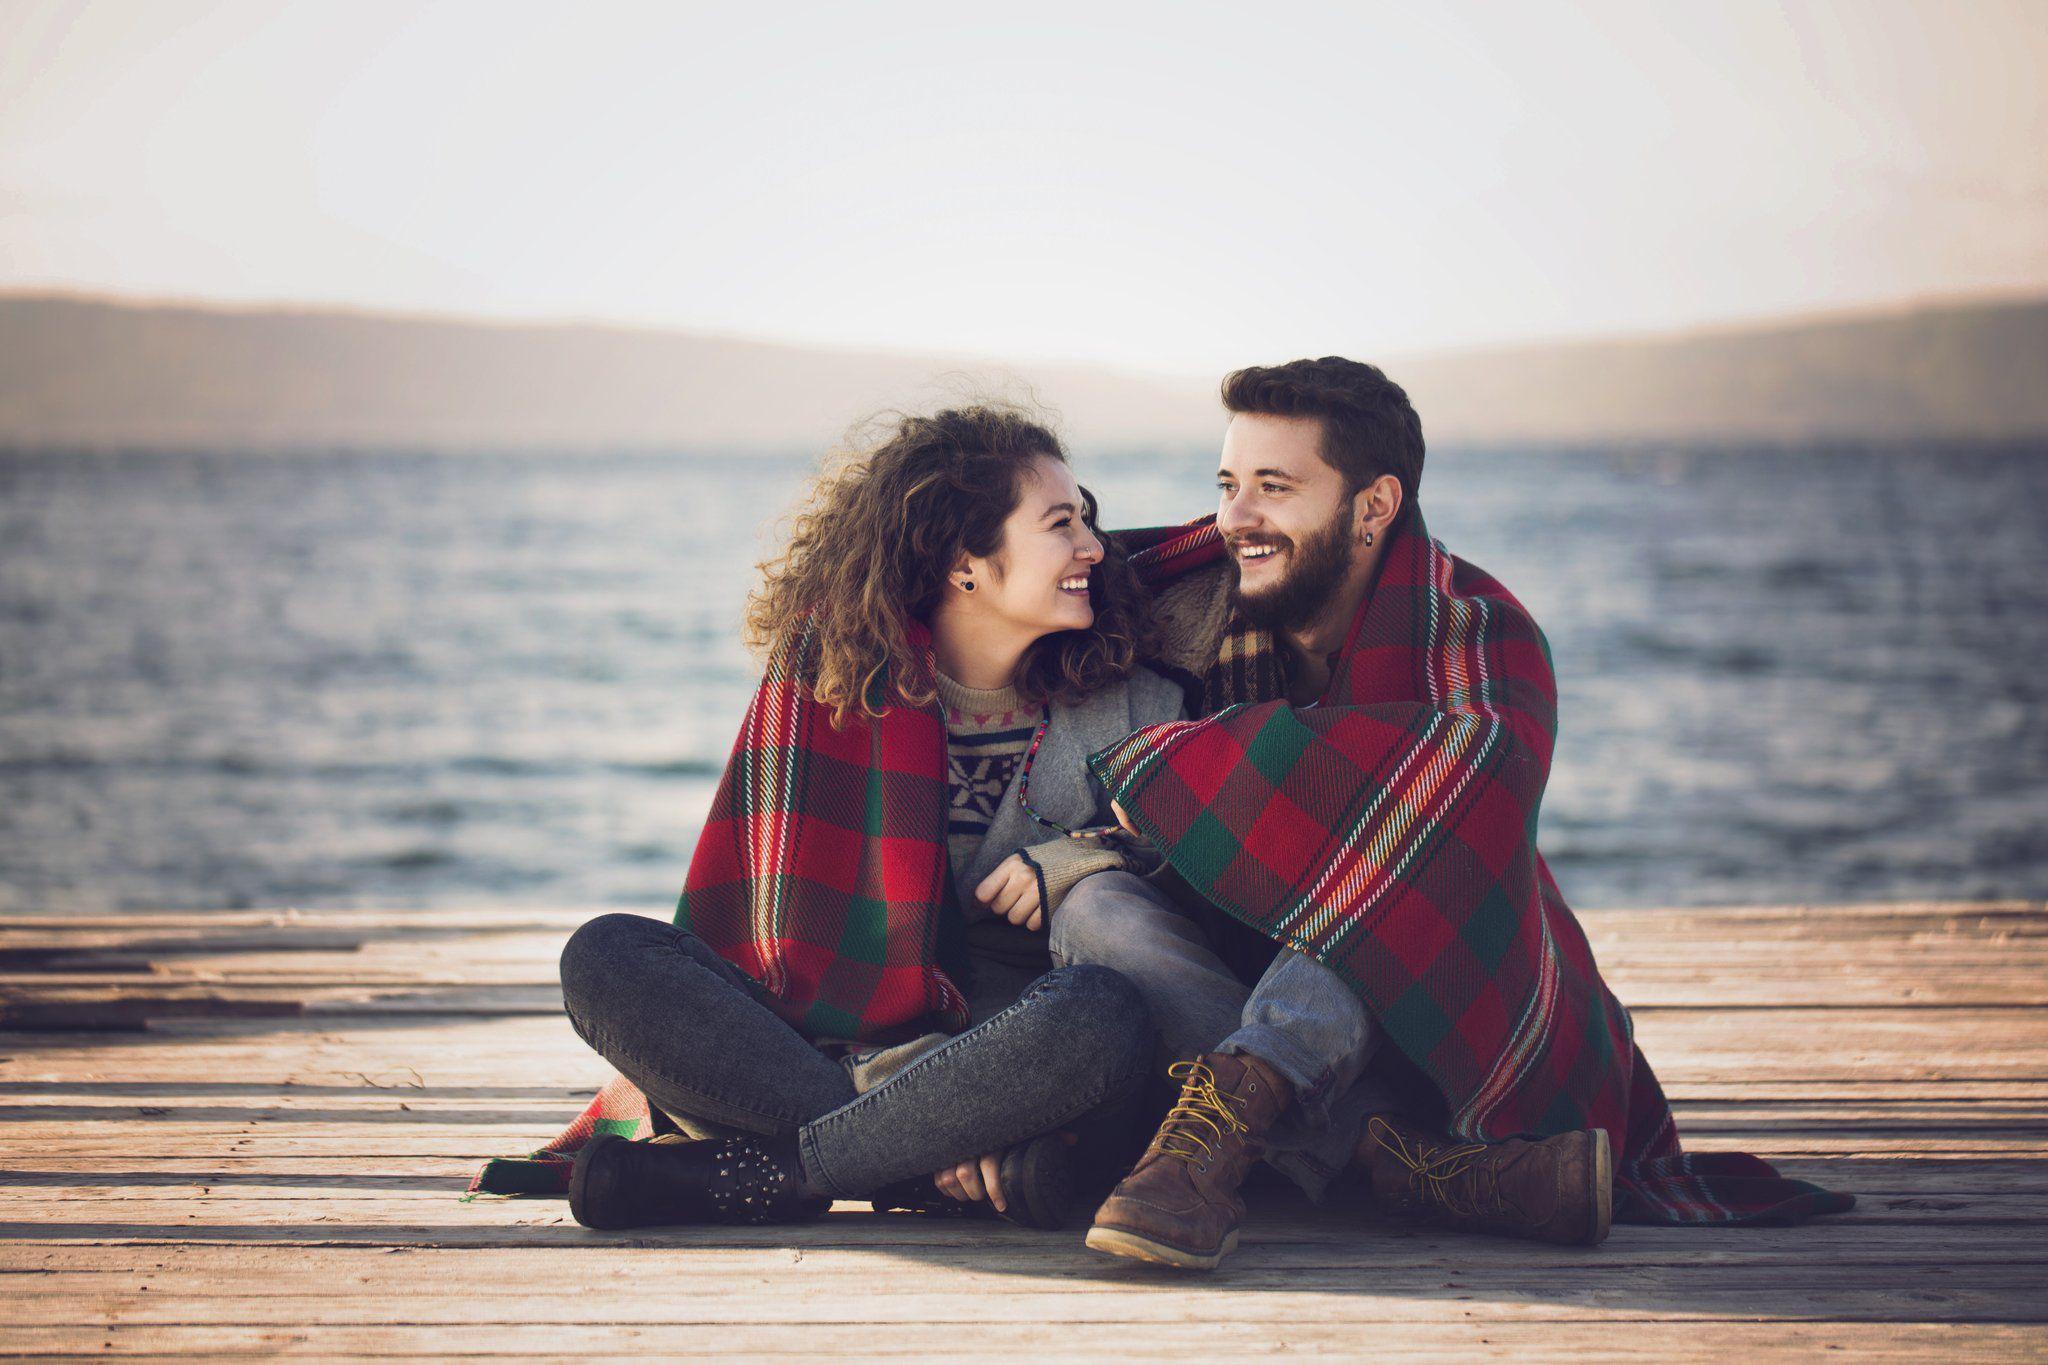 بالصور لحظات حب ساخنة , اجمل الصور الرومانسية بين المحبين 3309 3